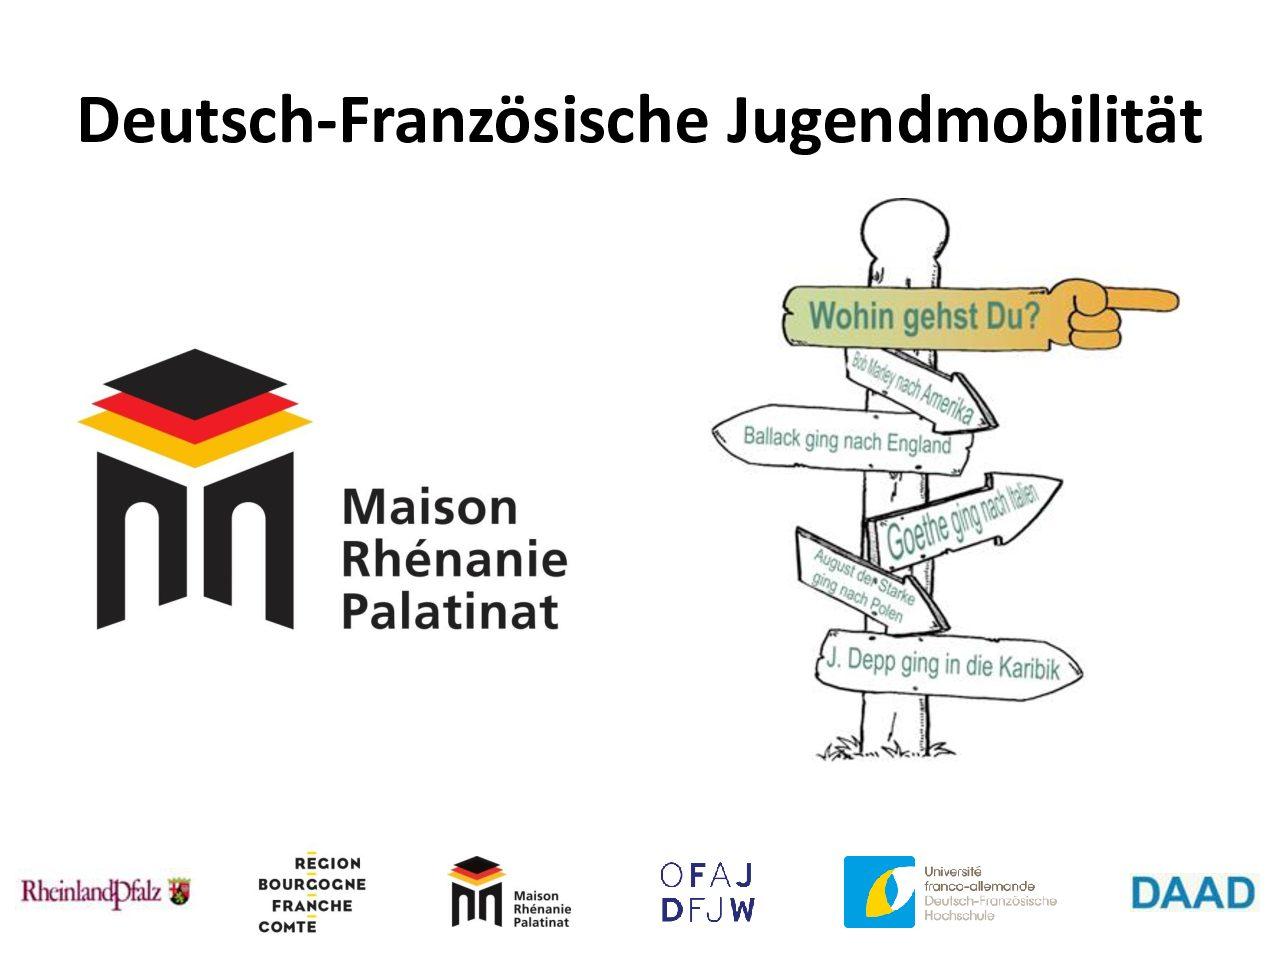 Rheinland-Pfalz Tour 2019